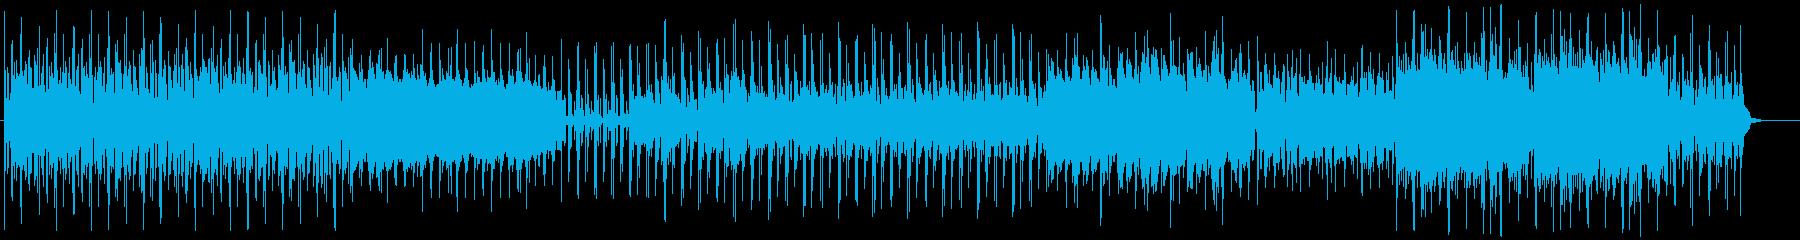 アイリッシュ-村-陽気-明るい-可愛いの再生済みの波形